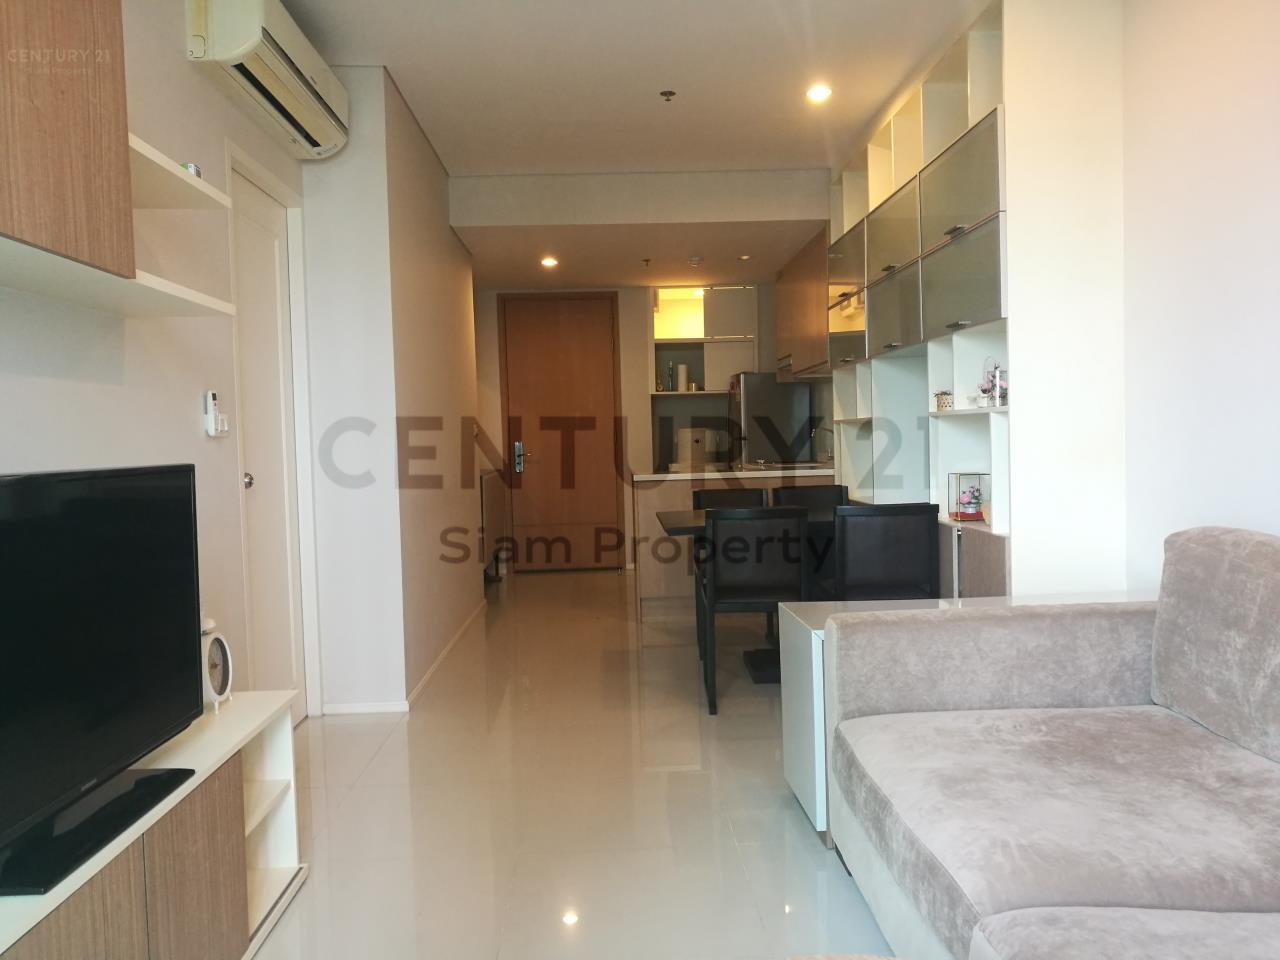 Century21 Siam Property Agency's Villa Asoke 17